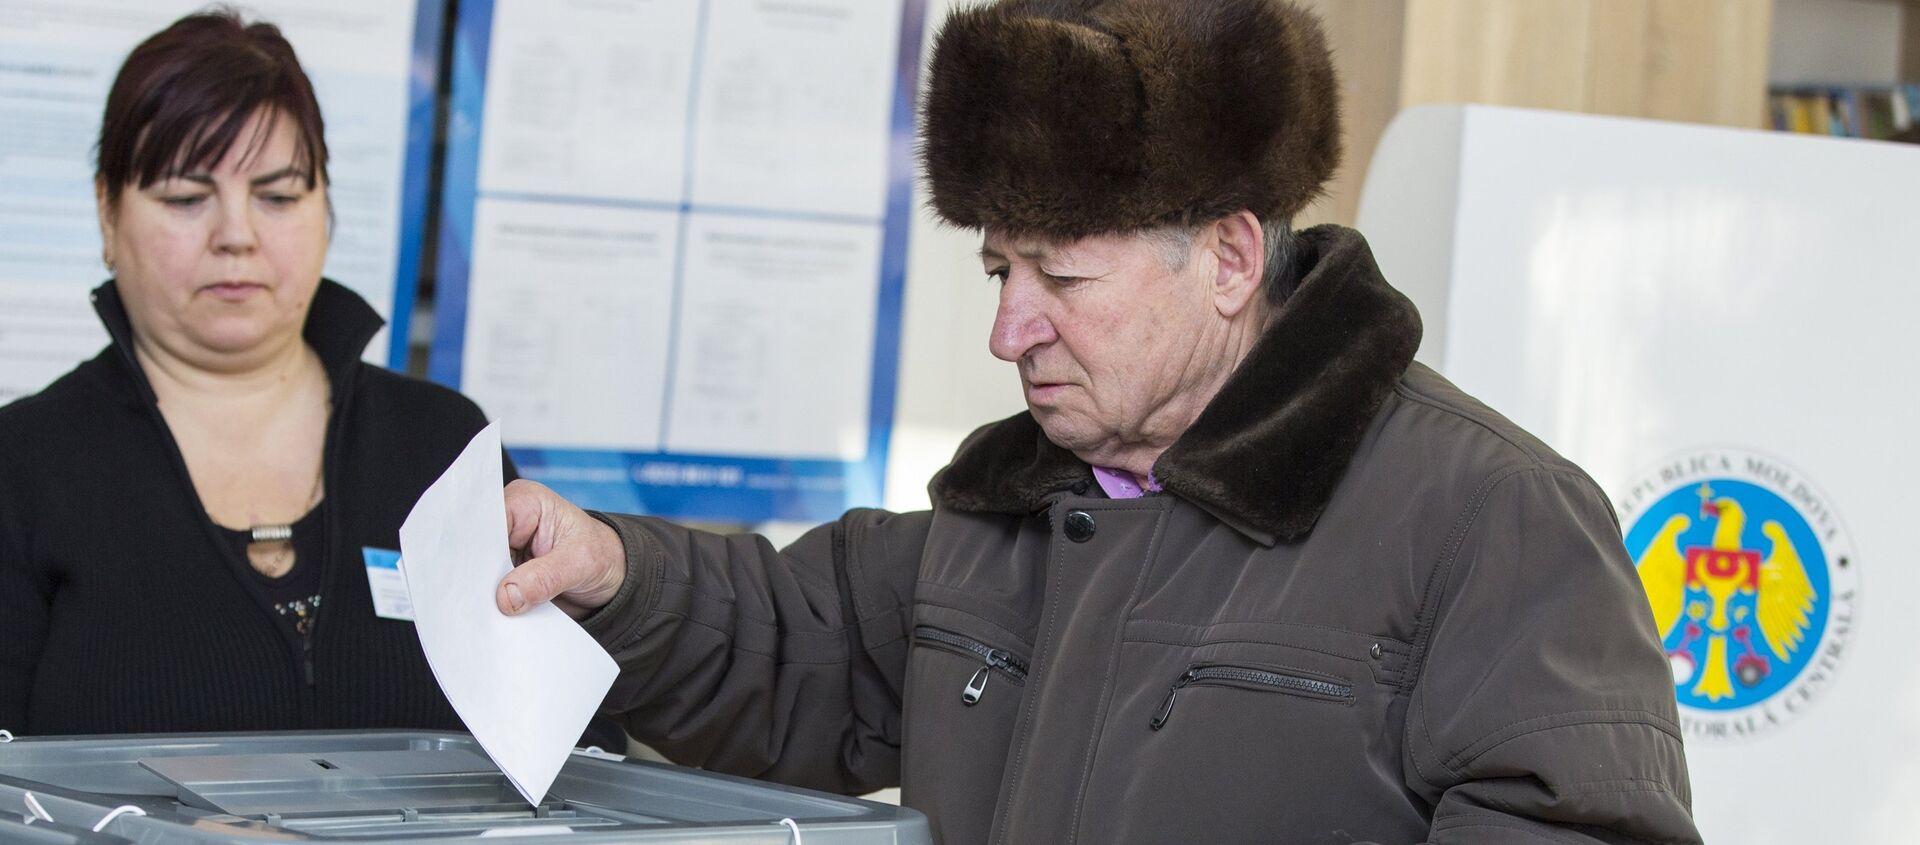 Гласање на парламентарним изборима у Молдавији - Sputnik Србија, 1920, 11.07.2021